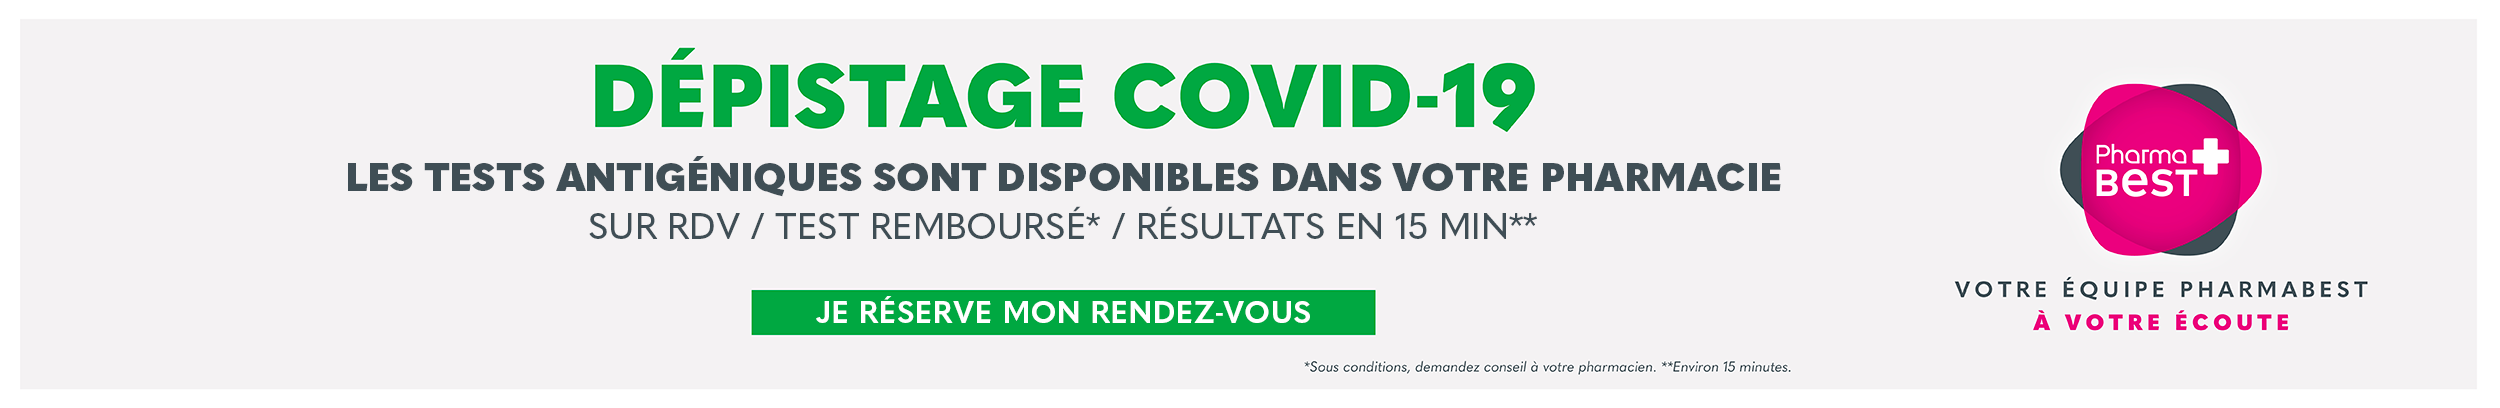 Dépistage COVID-19 - Carcassonne